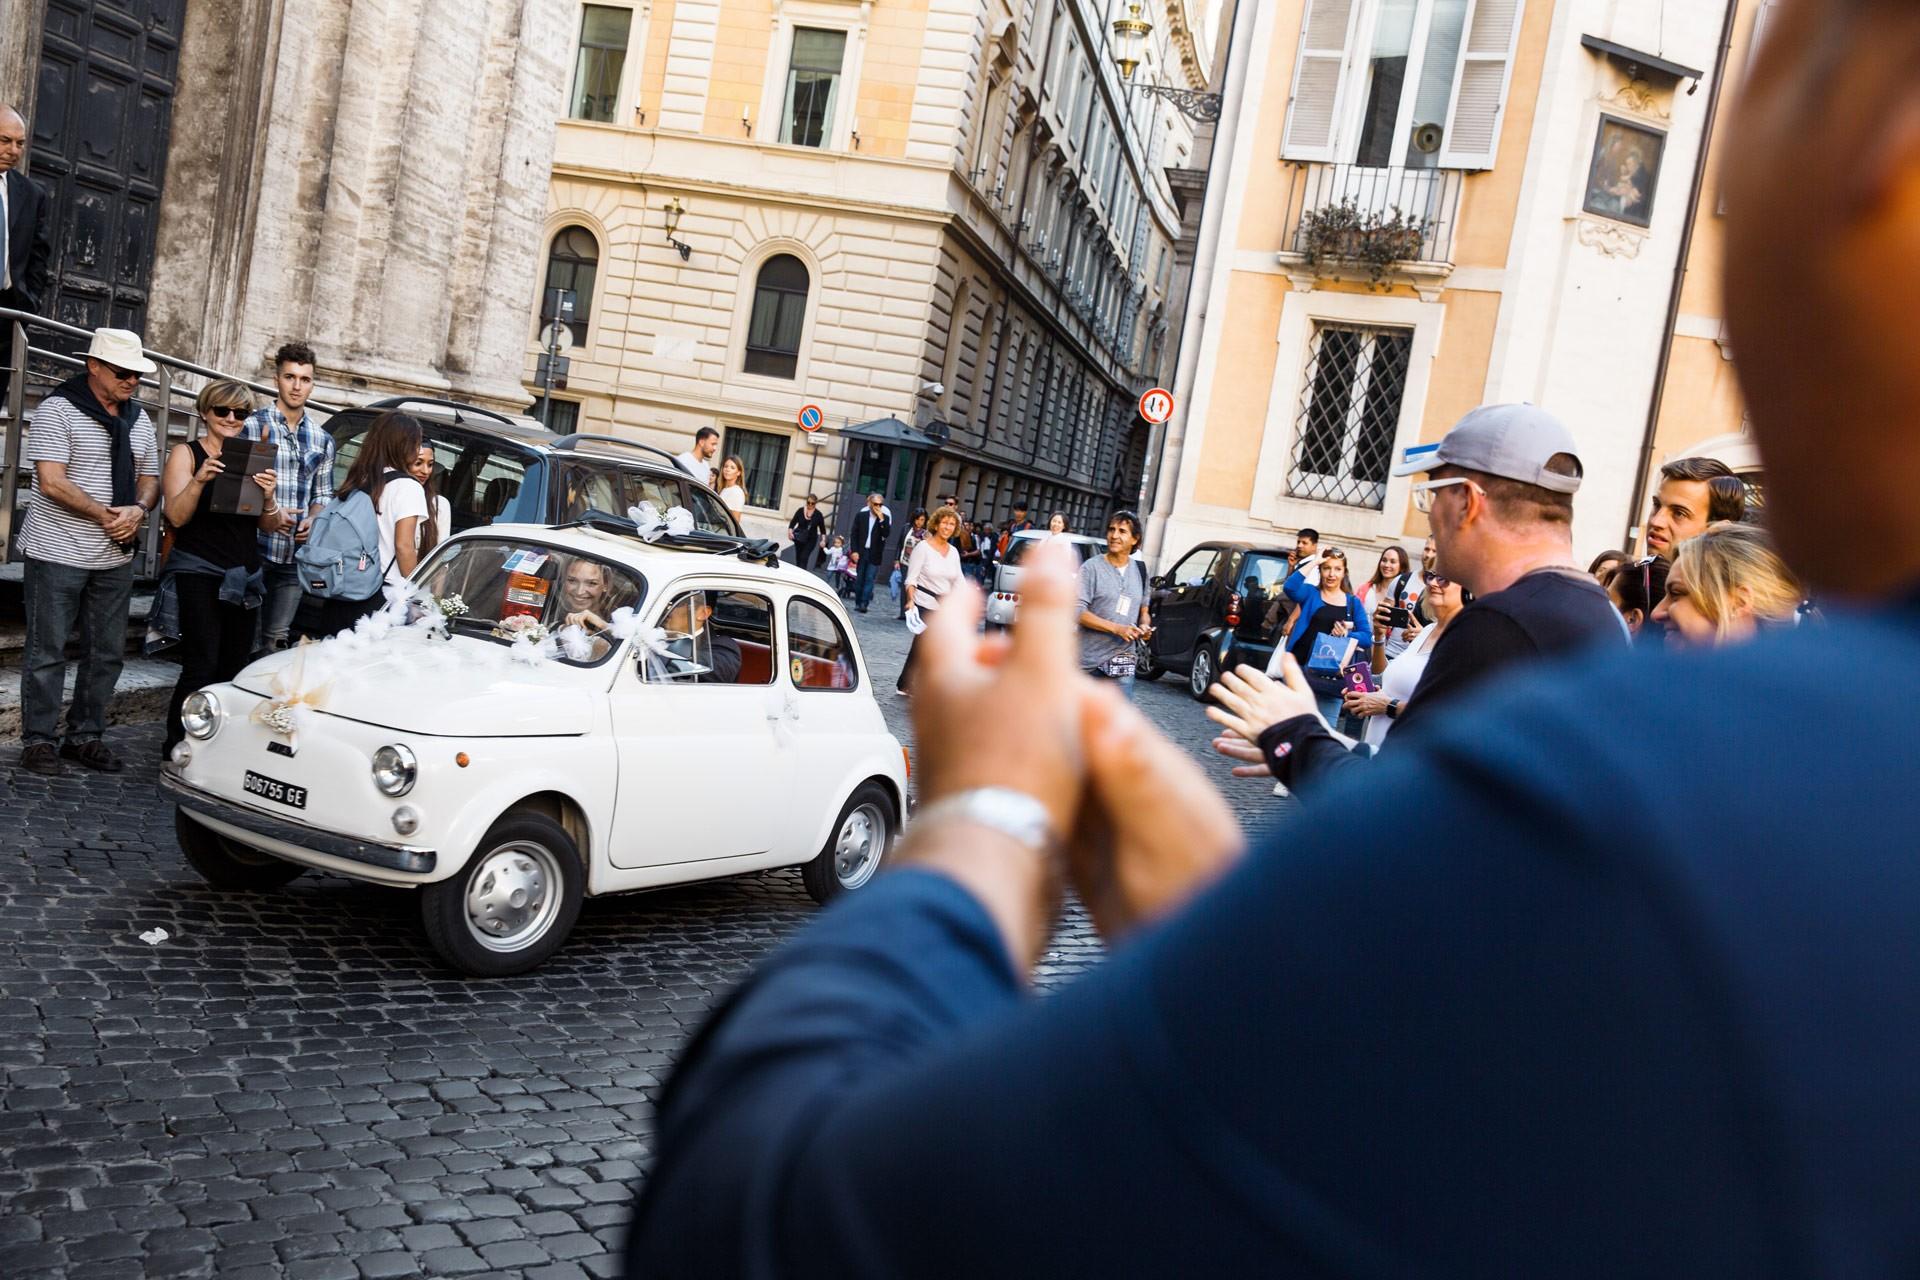 работа фотографом в италии фото видео